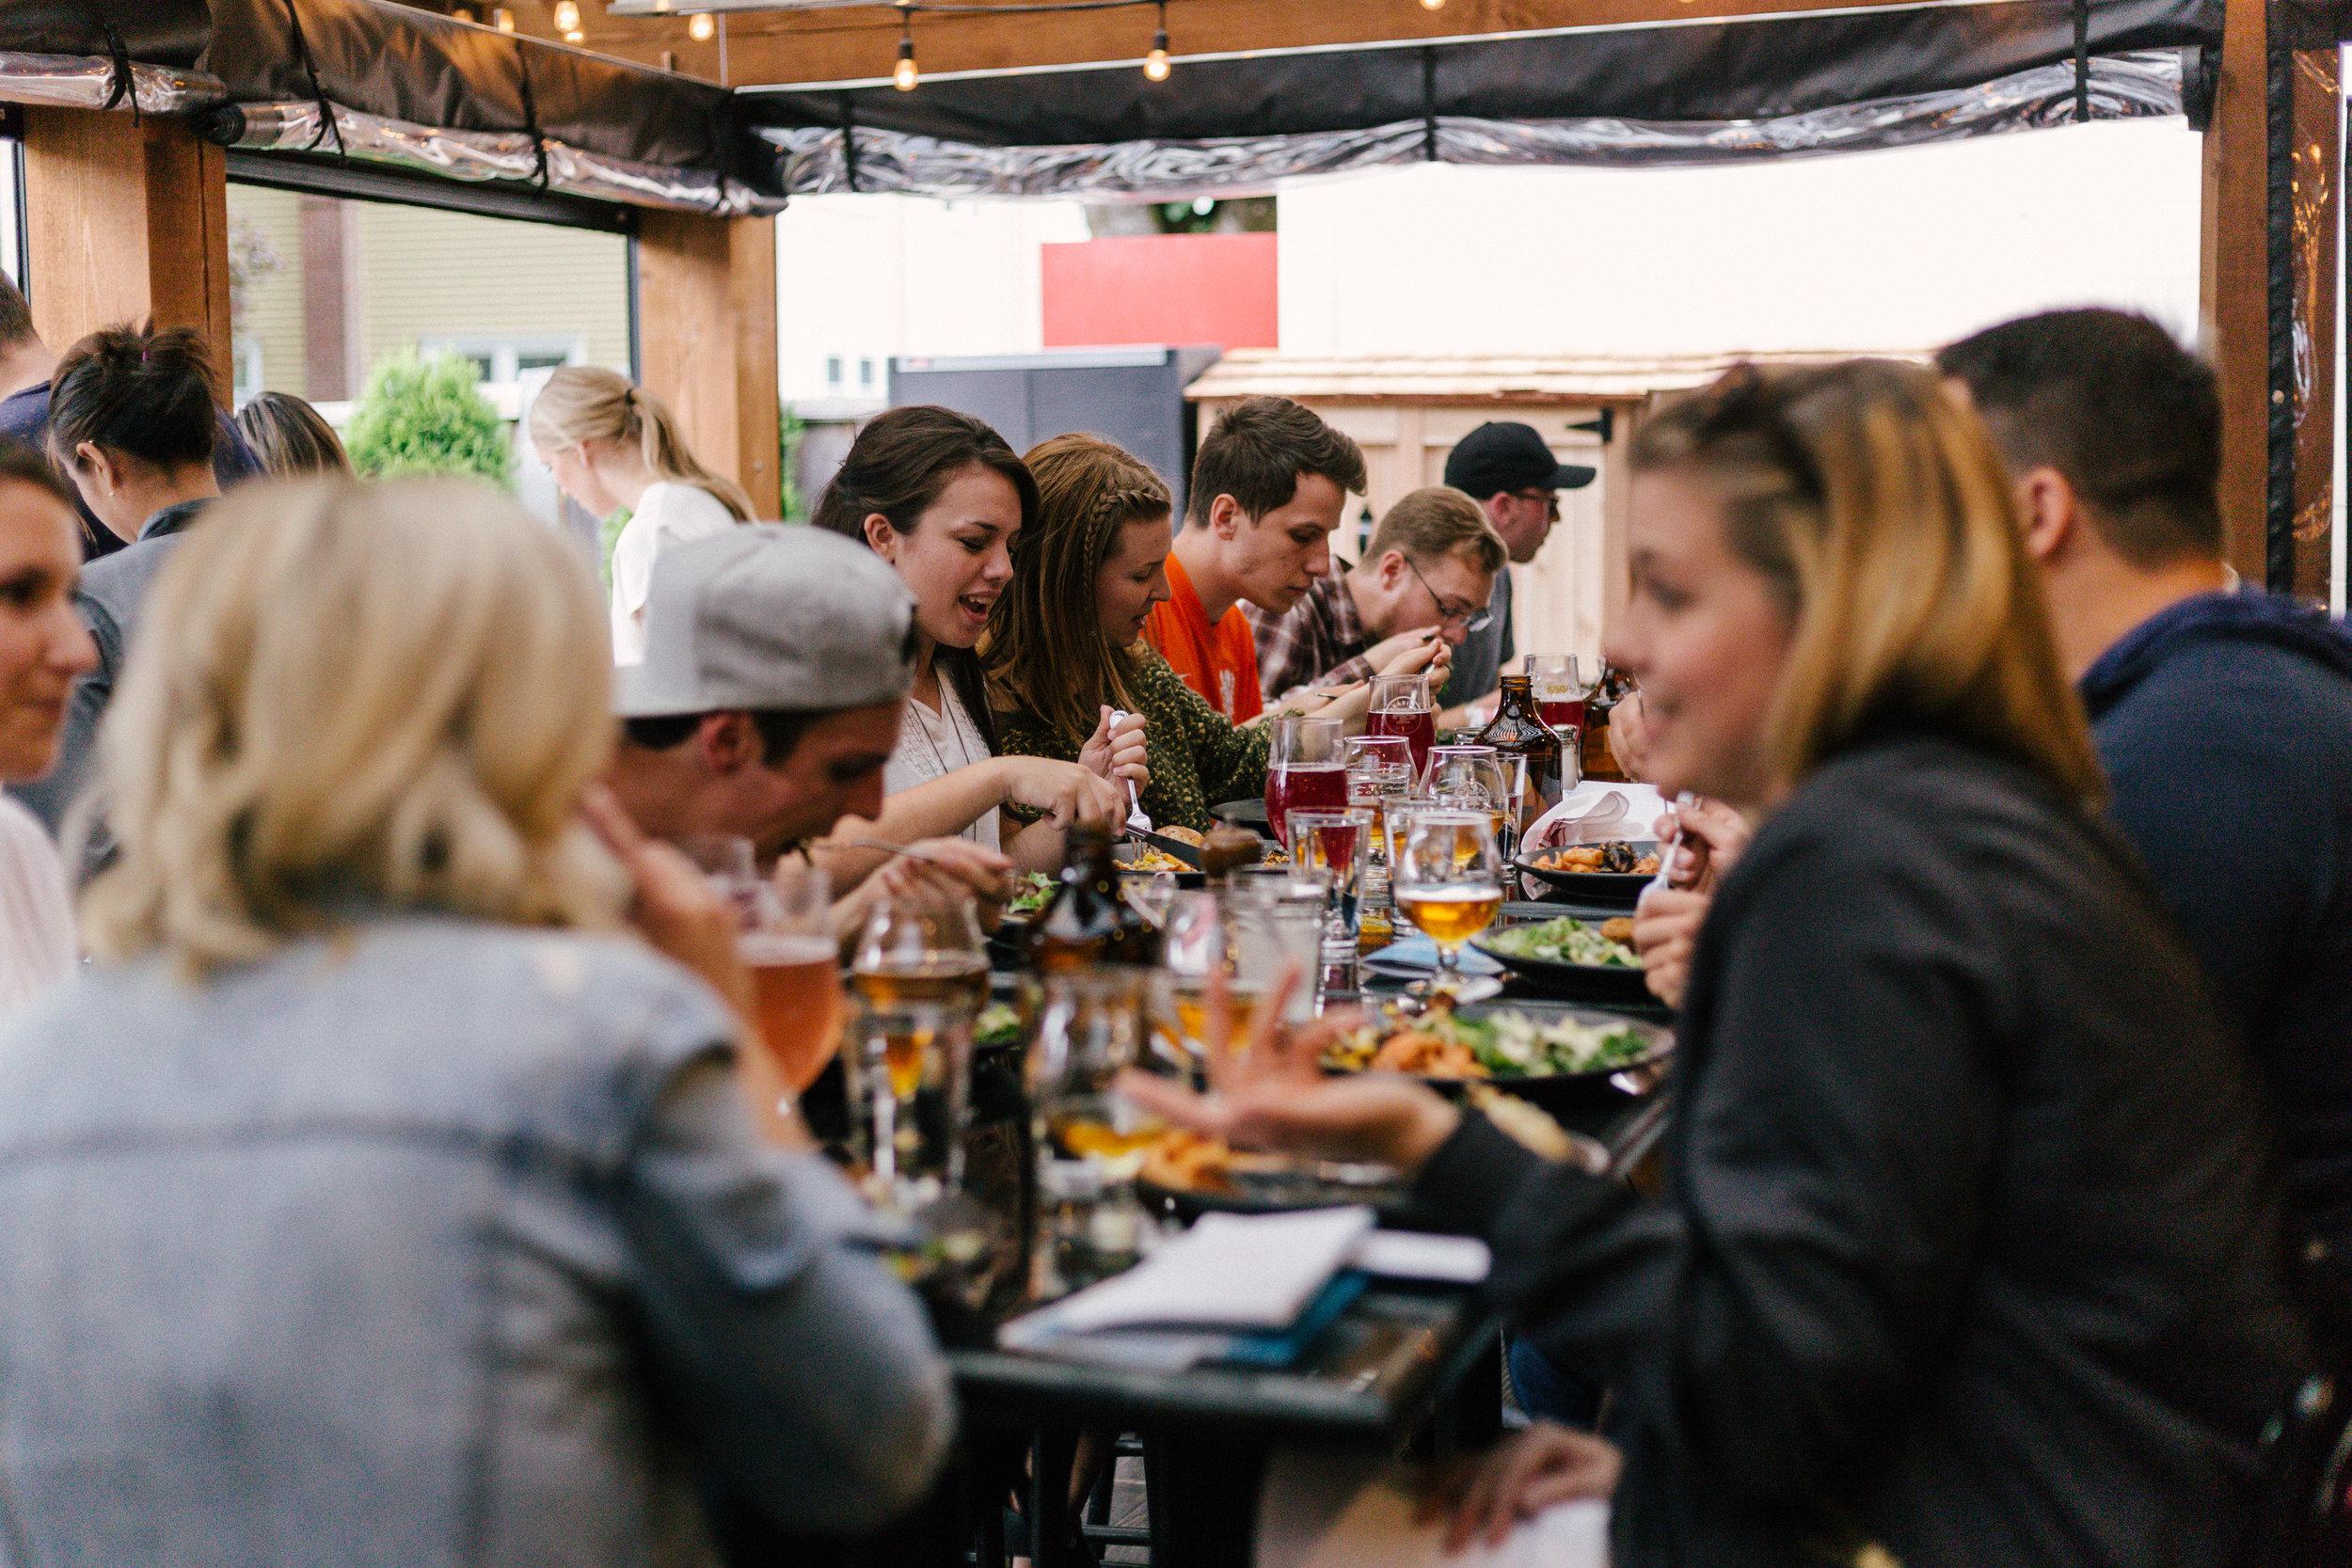 Design Your Life - Community dinner + Workshop